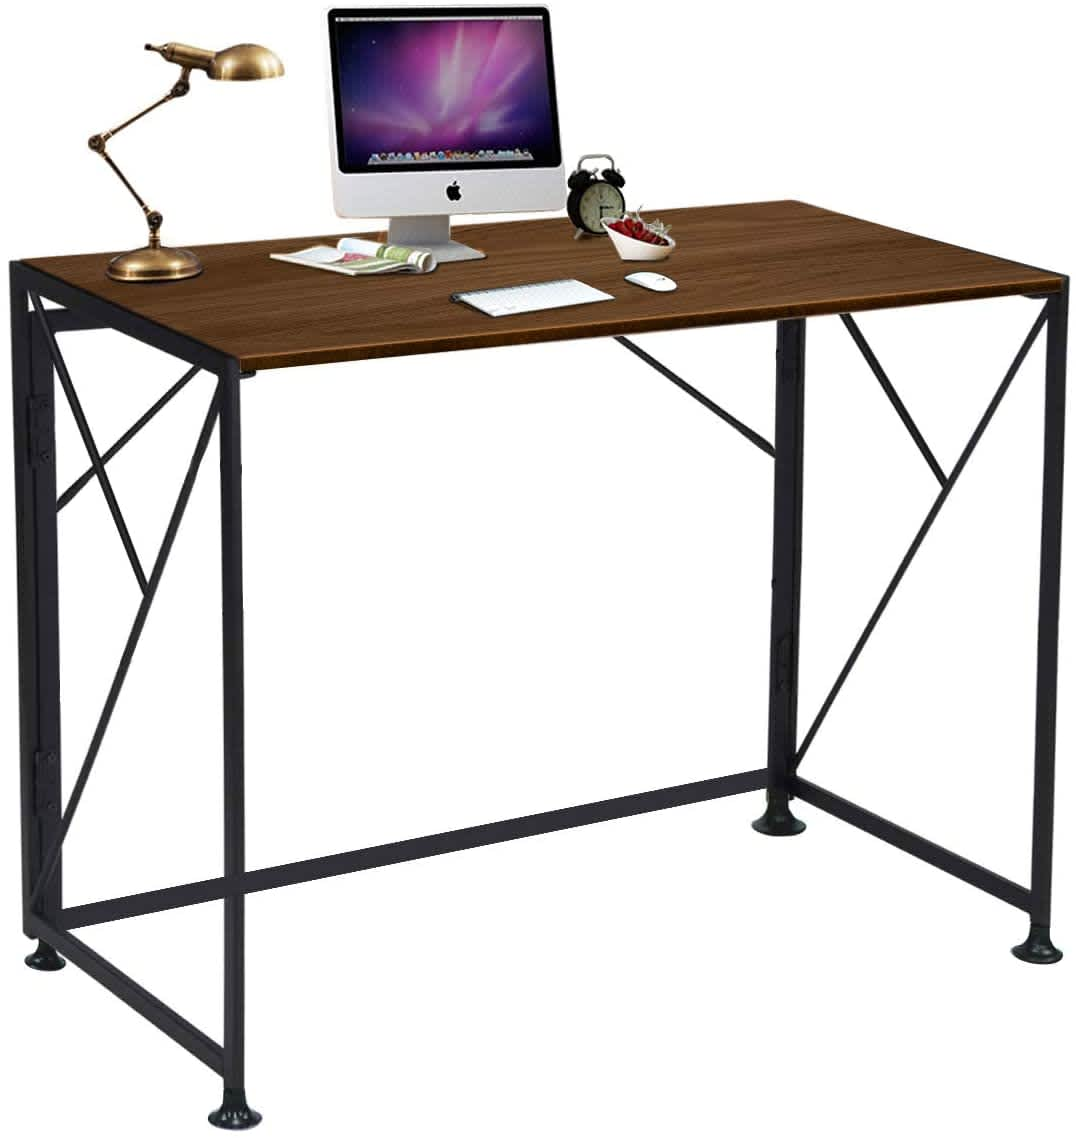 ComHoma Folding Computer Desk